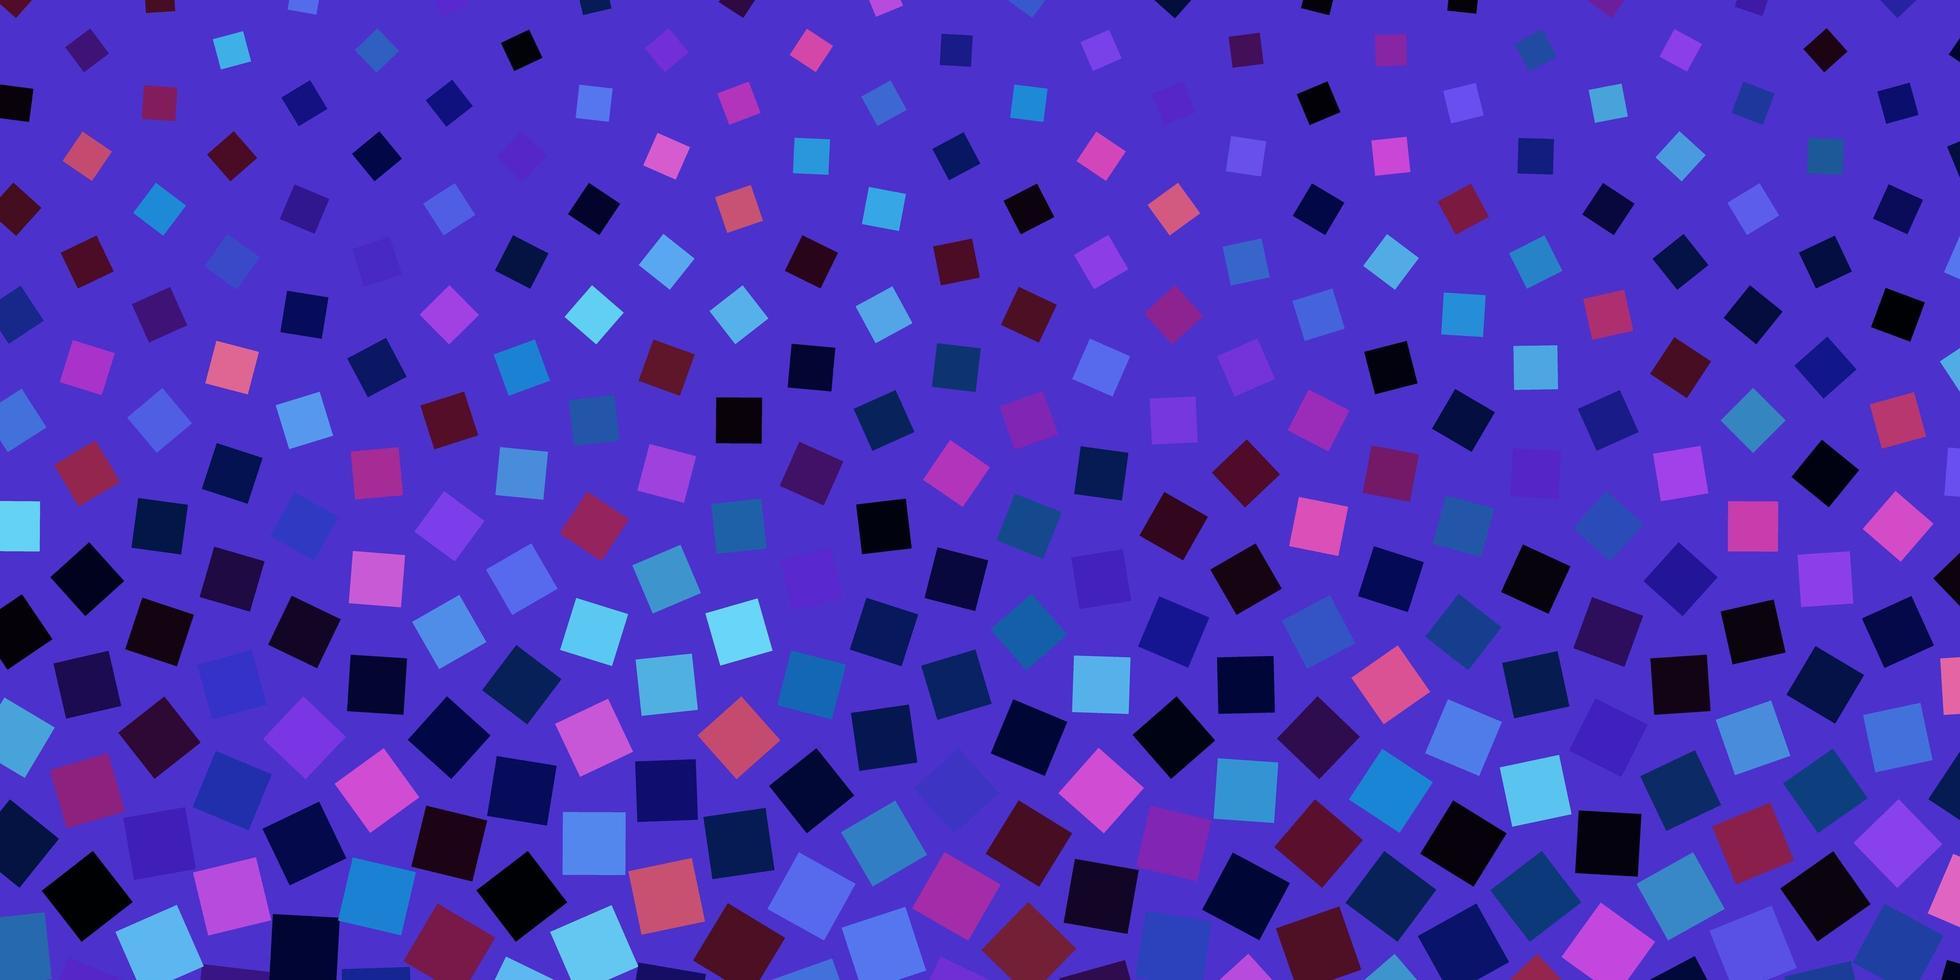 mörkblå, röd vektormall med rektanglar. vektor